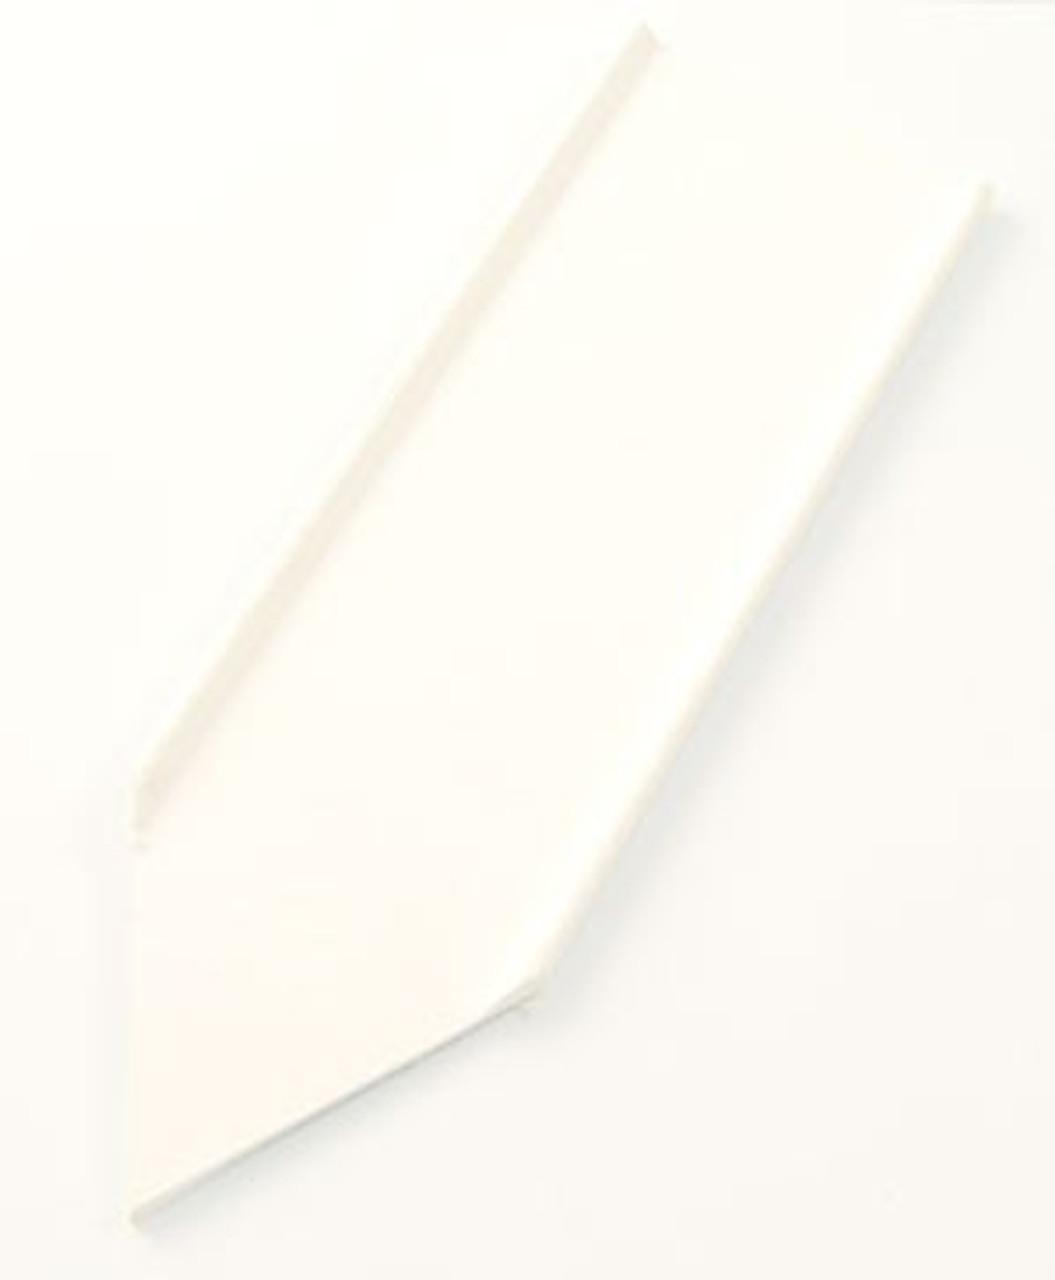 FLEX POST WHITE - PLAIN